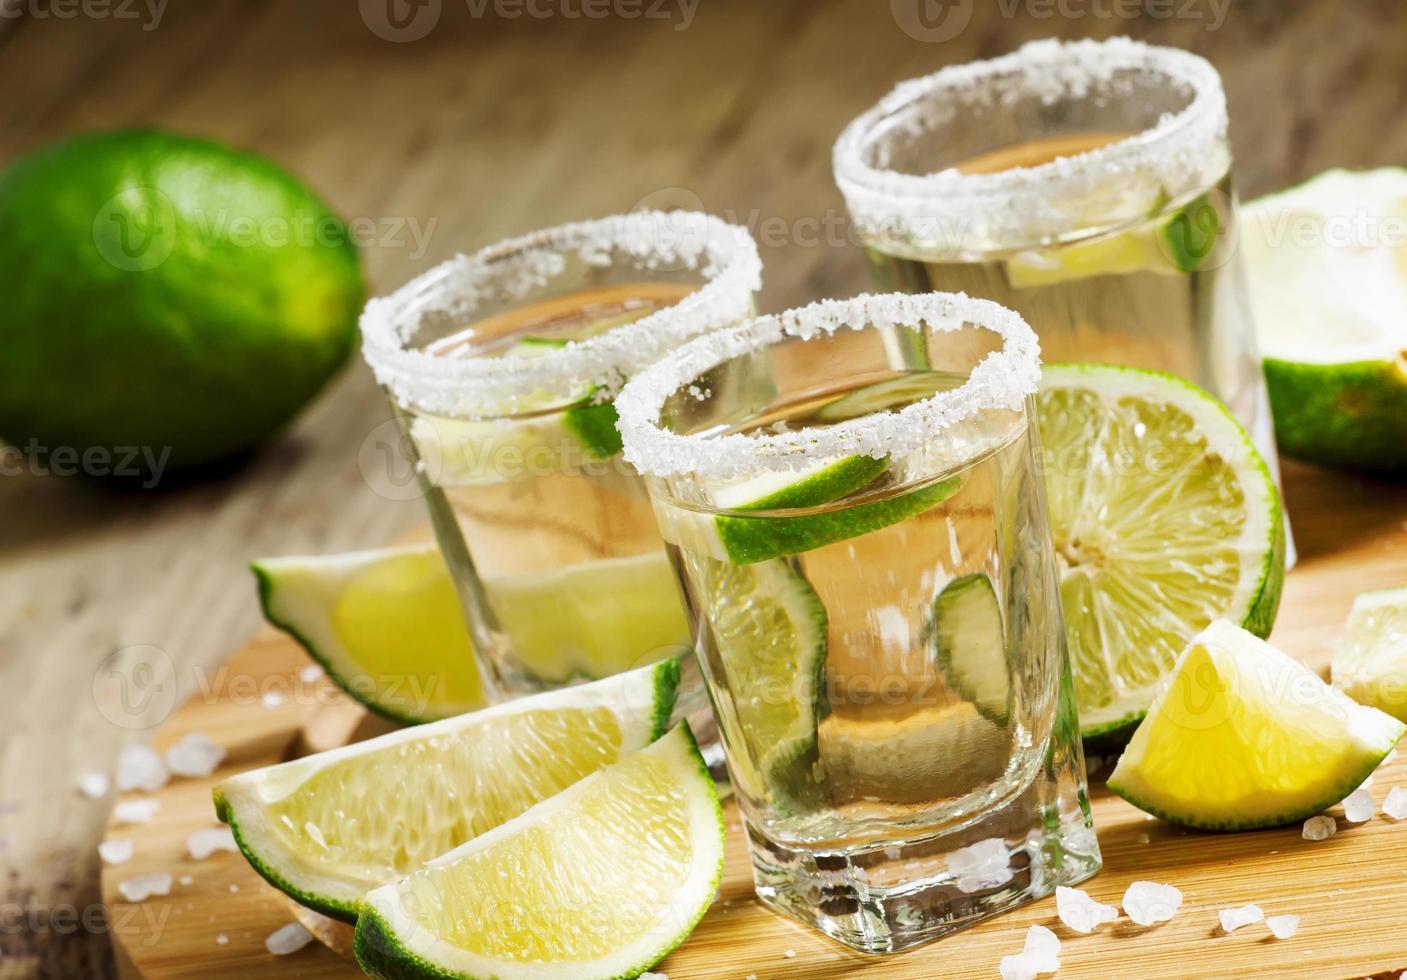 silberner mexikanischer Tequila mit Limette und Salz foto